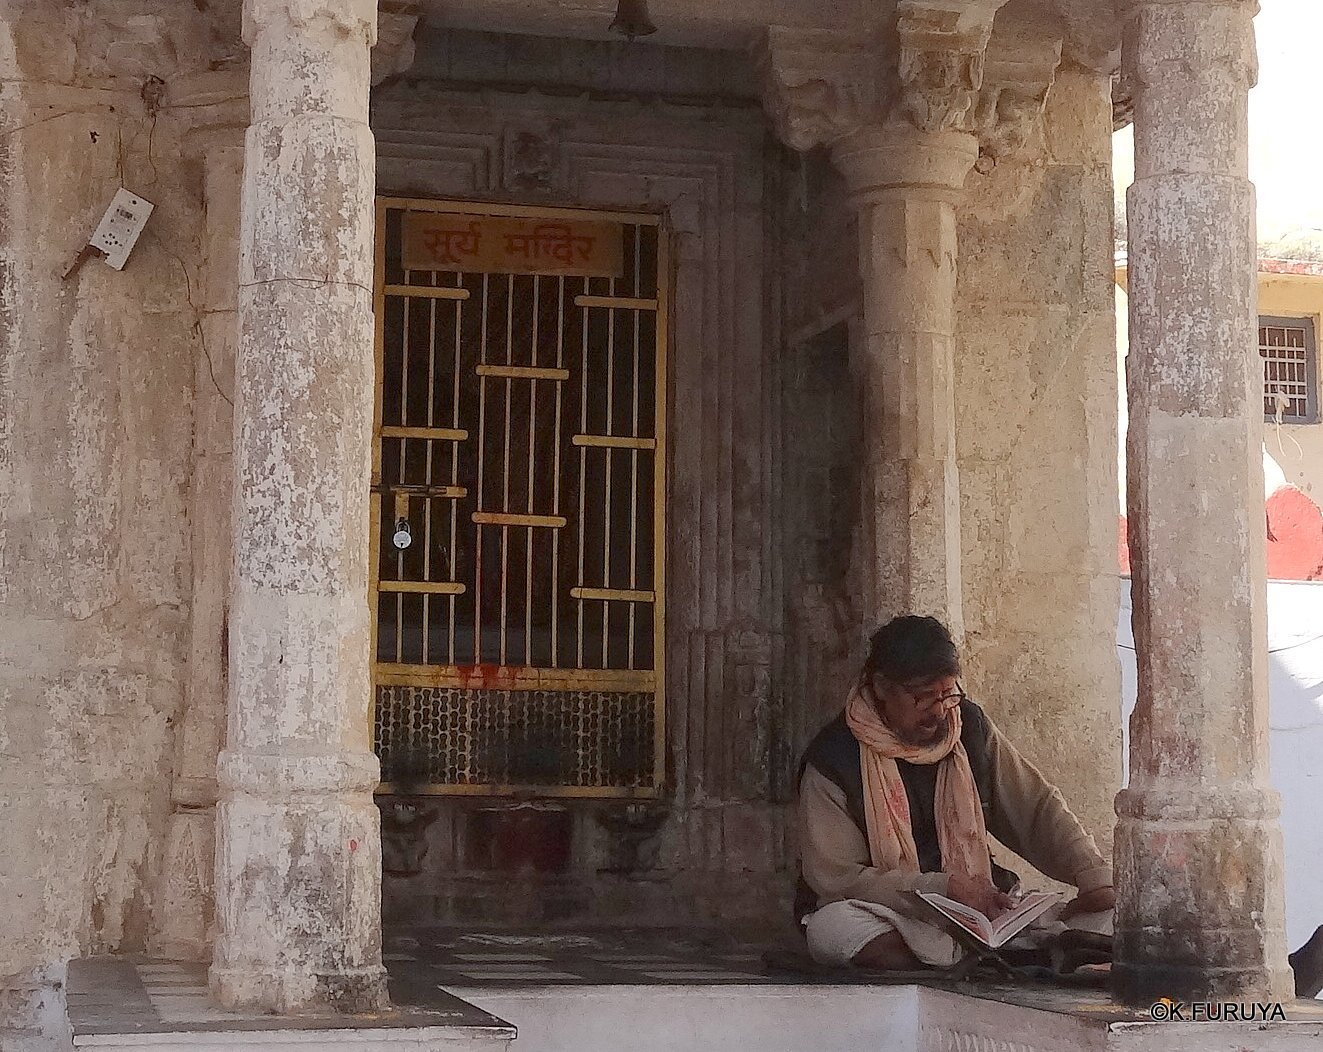 インド・ラジャスタンの旅 16 ウダイプールひとり歩き_a0092659_22340693.jpg